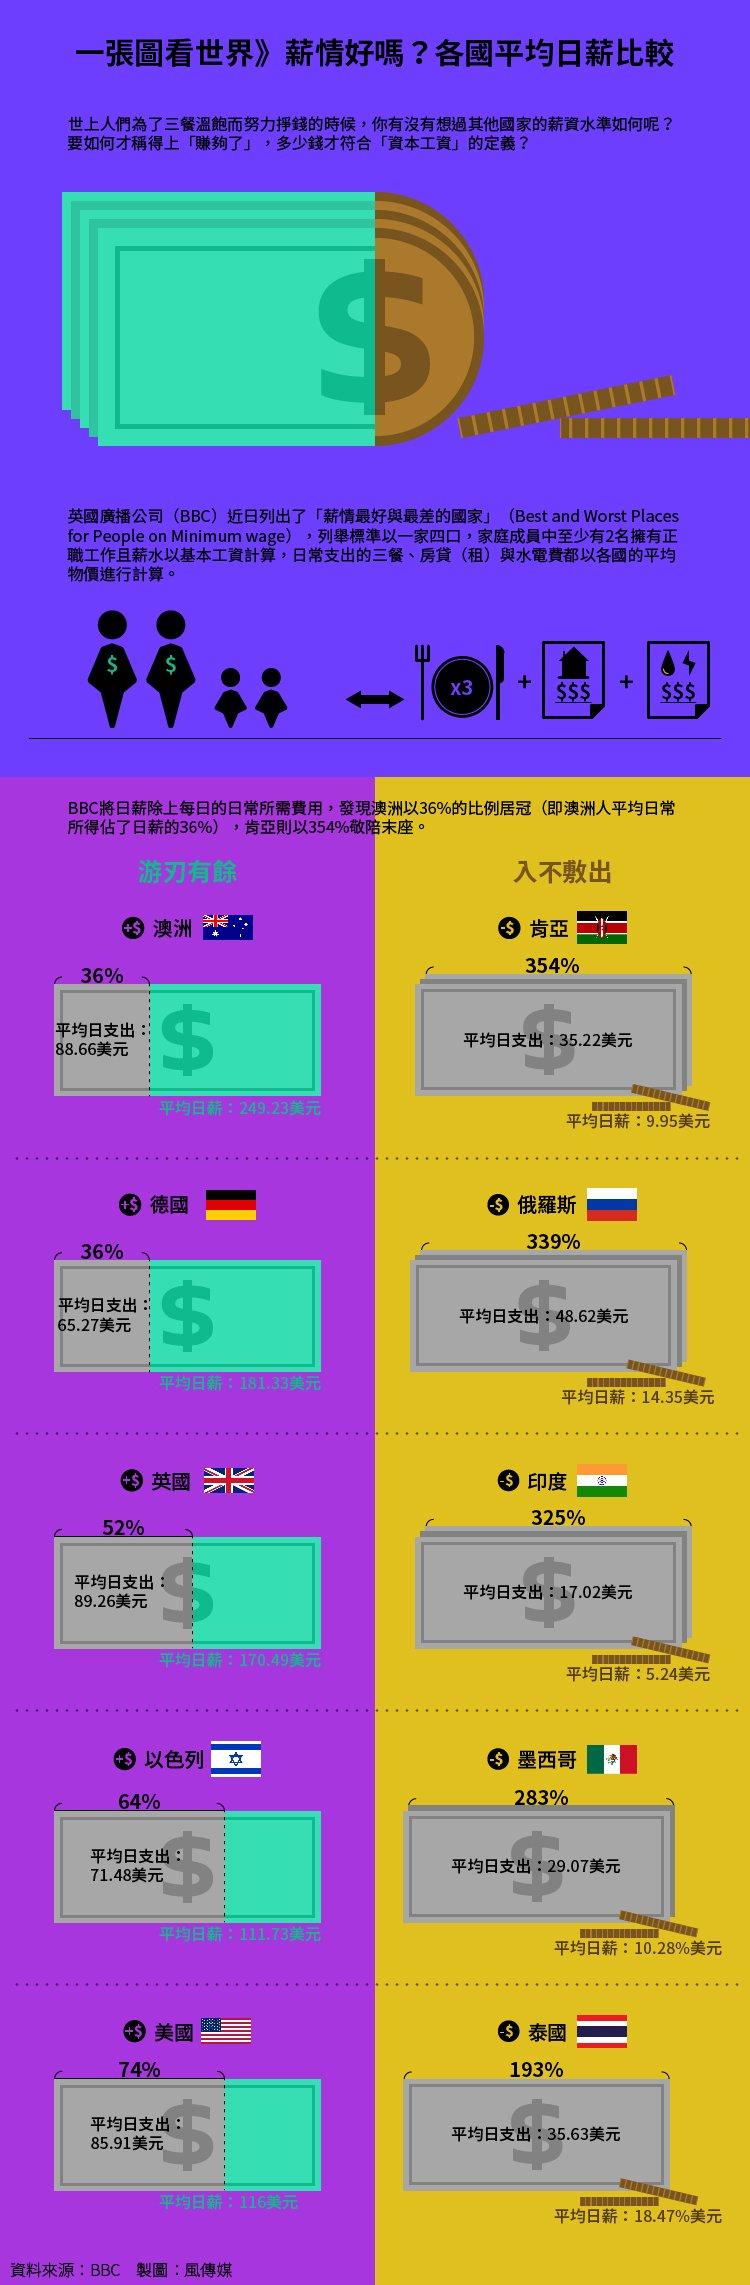 各國平均日薪比較表。(製圖:風傳媒)